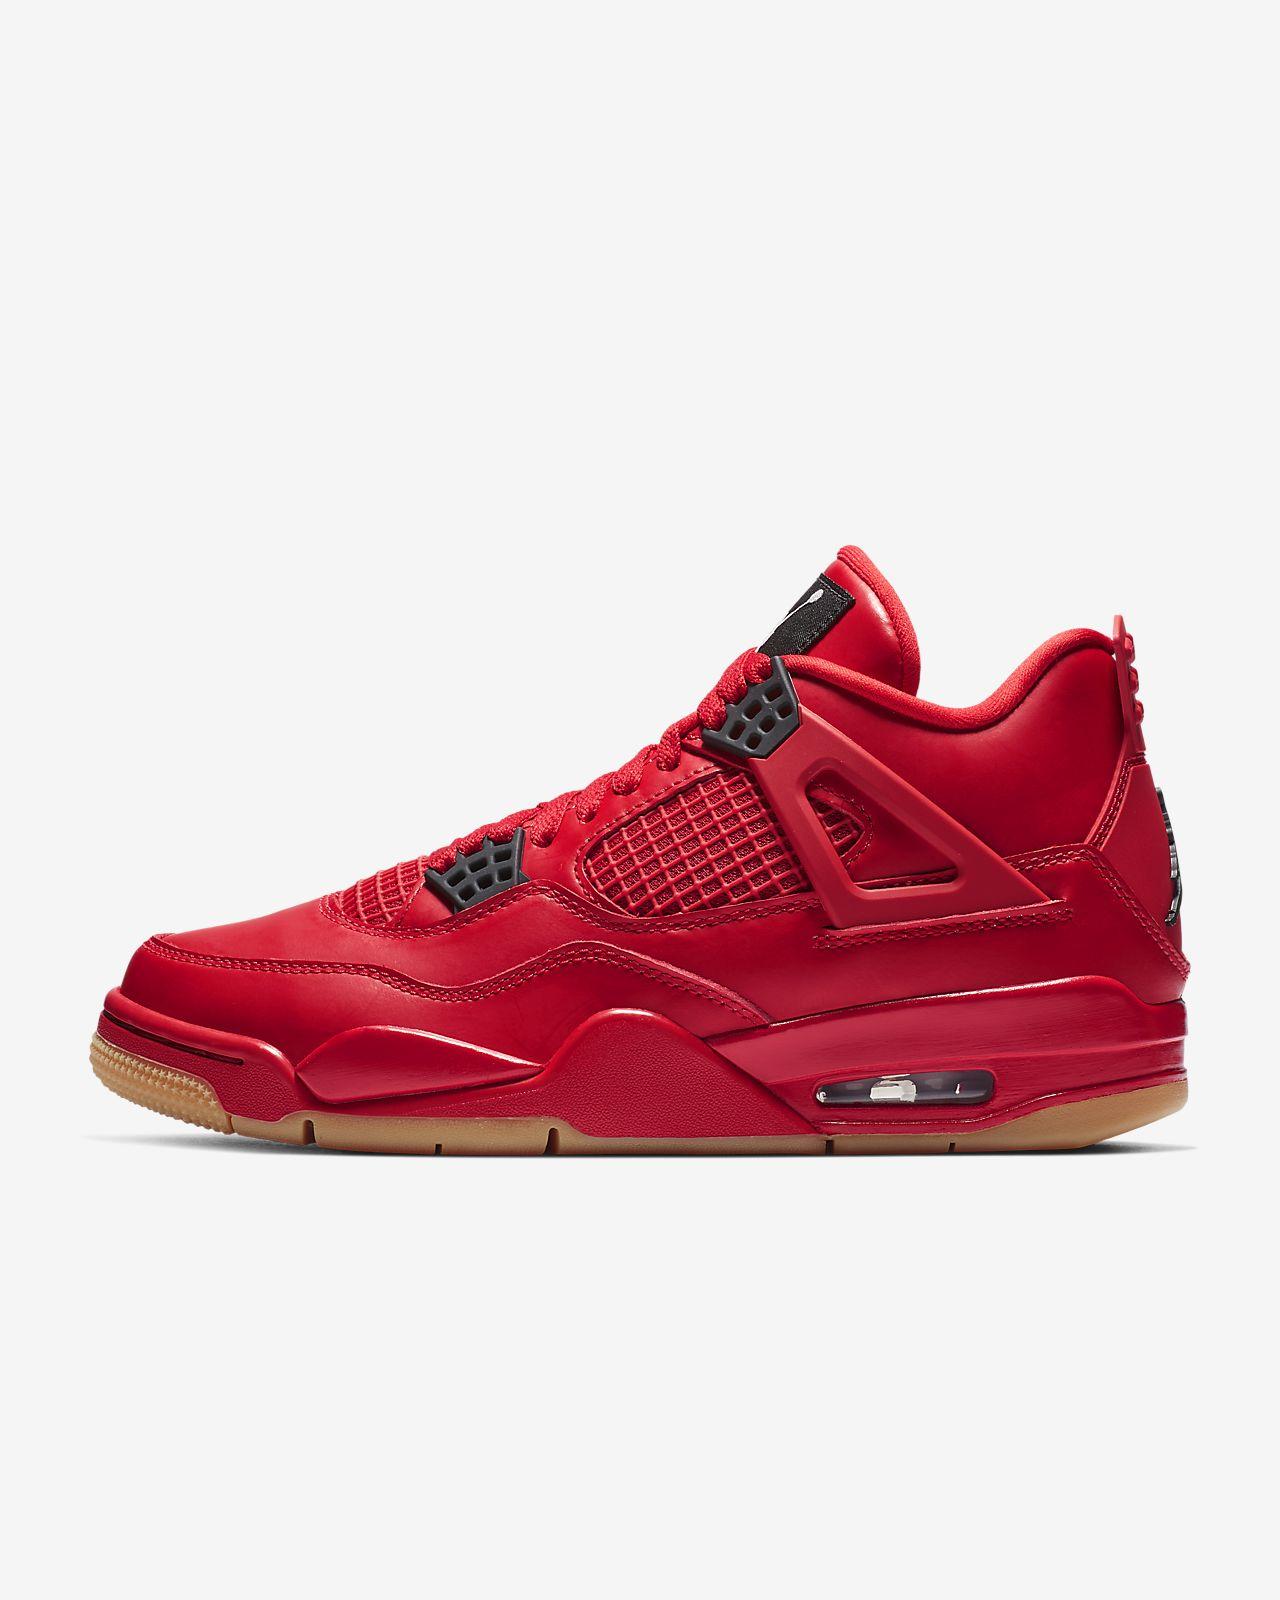 รองเท้าผู้หญิง Air Jordan 4 Retro